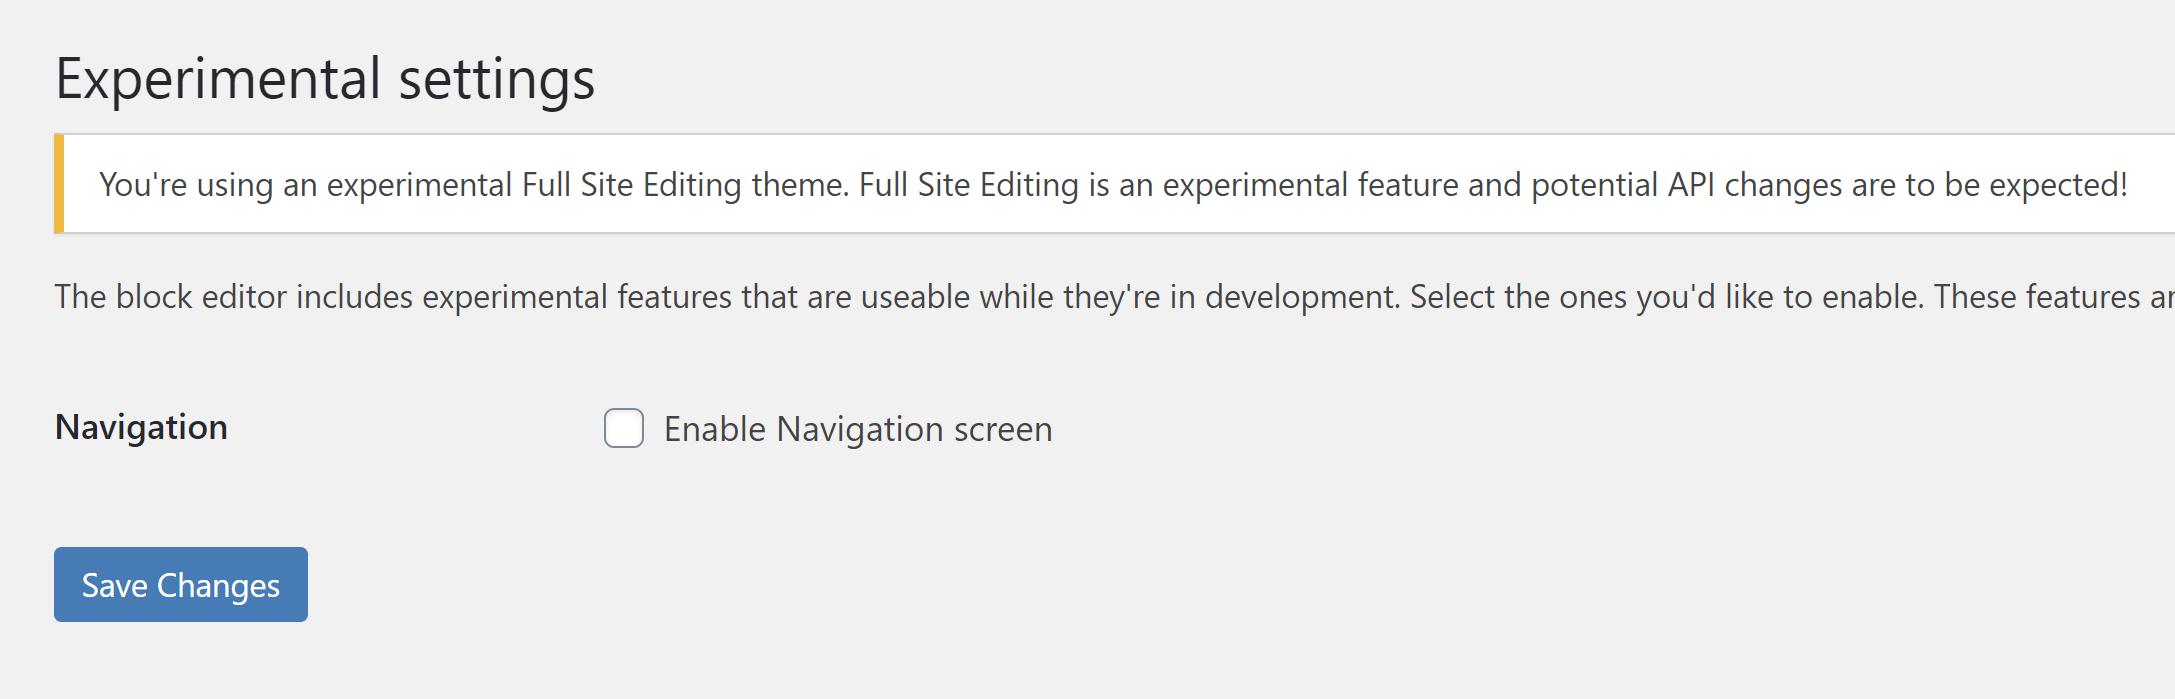 Avis donné sur l'écran des expériences de Gutenberg indiquant que l'utilisateur est sur un thème FSE.